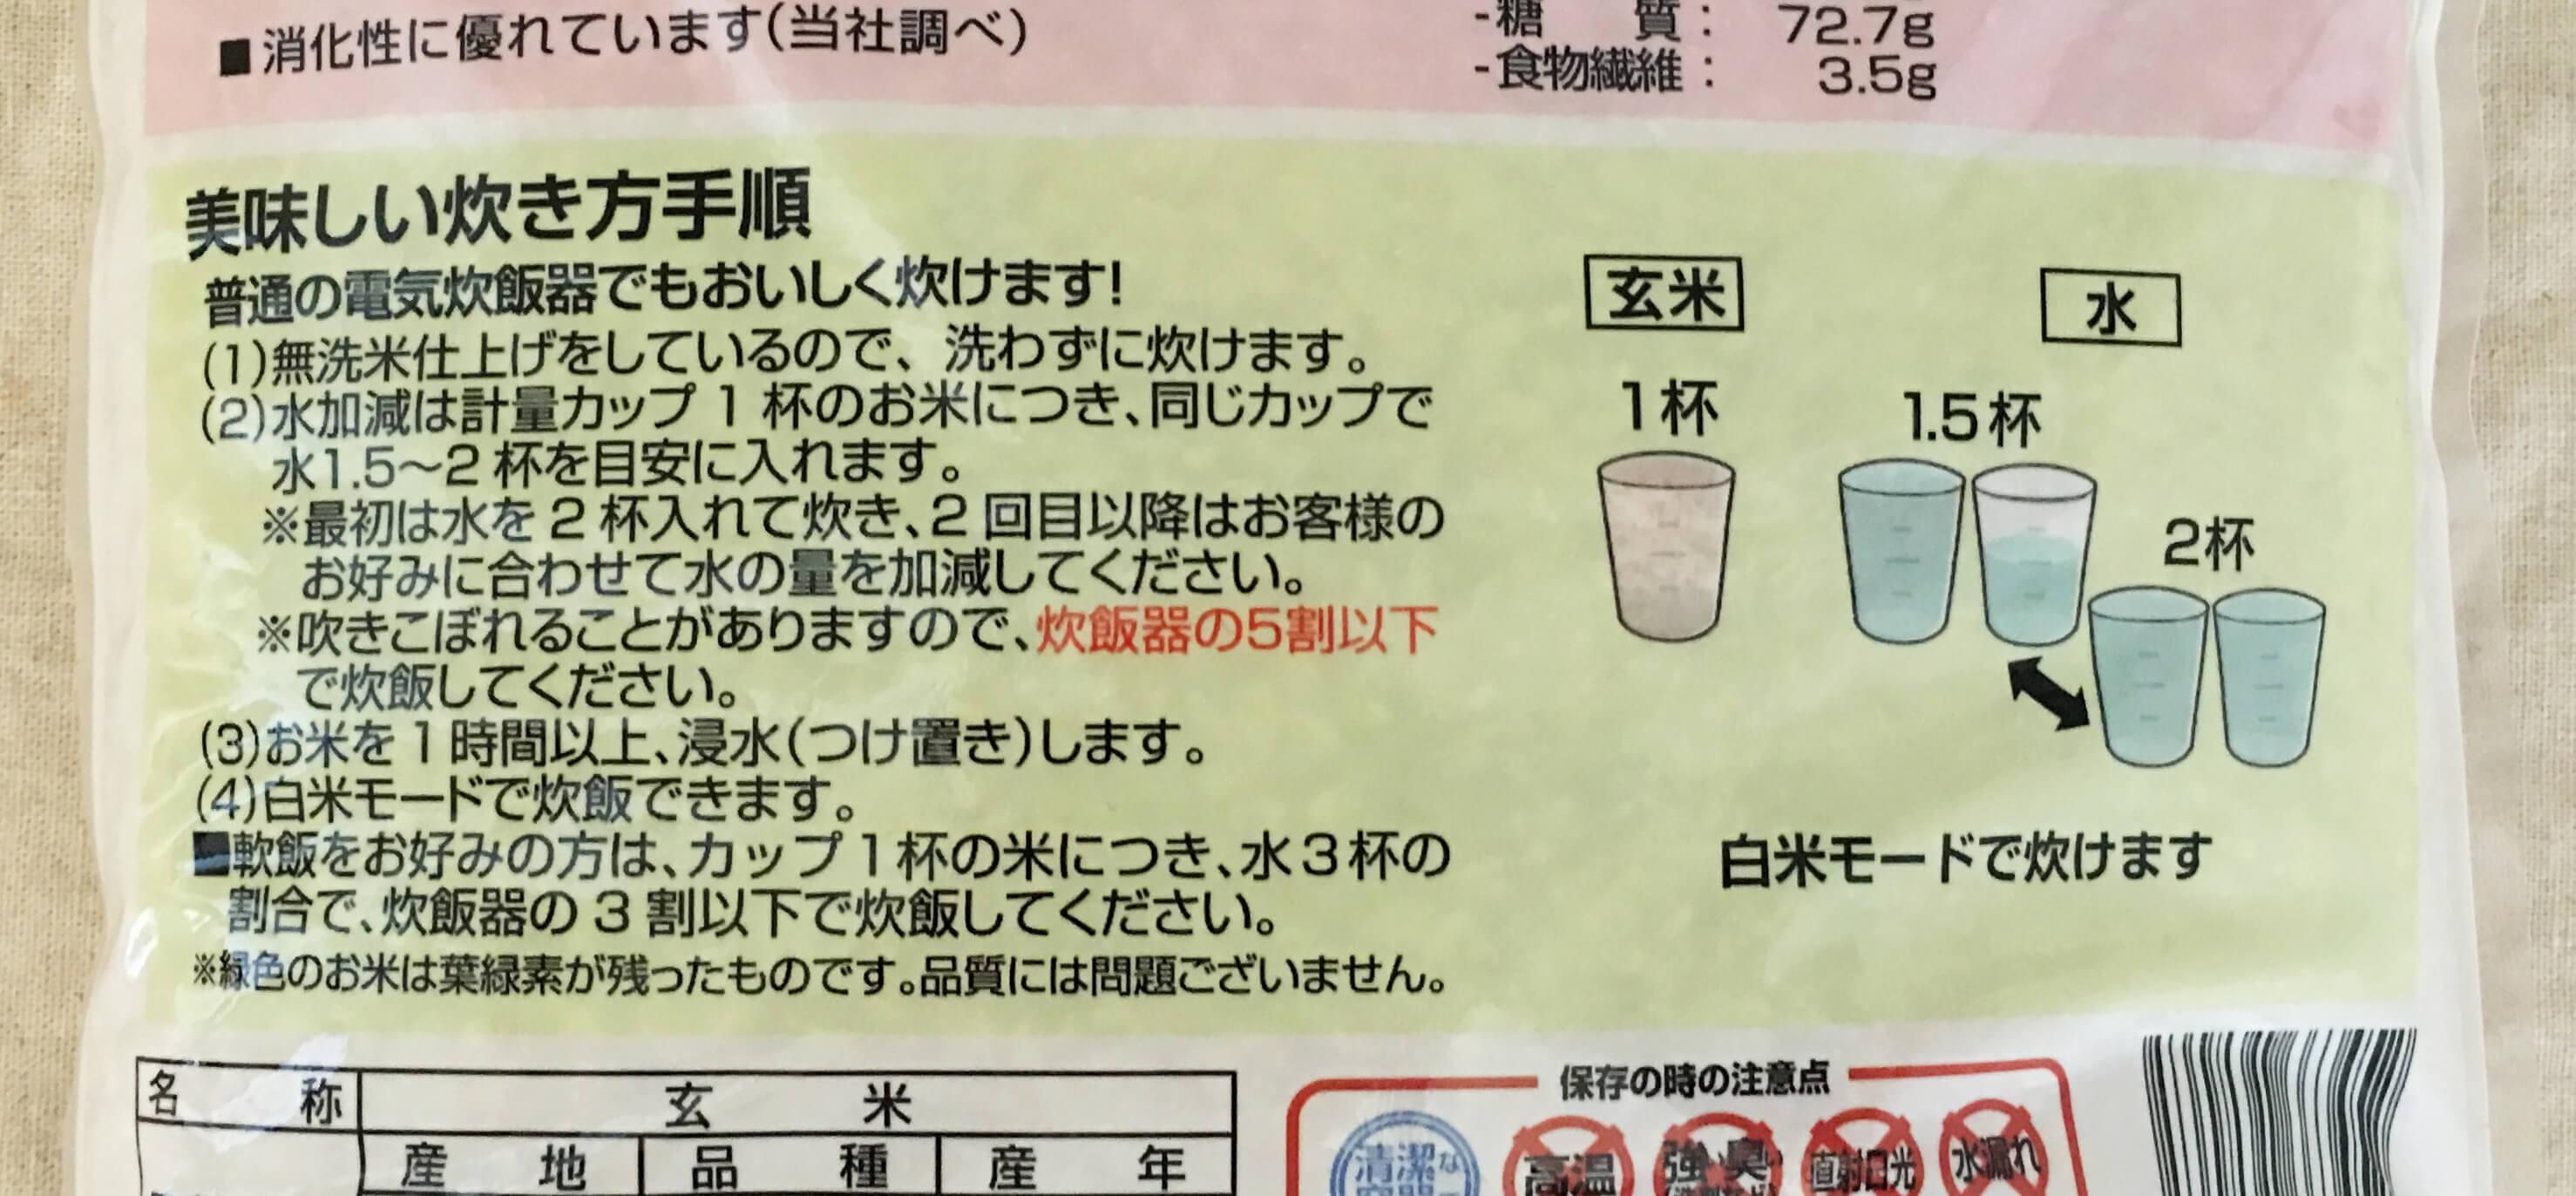 ロウカット玄米のパッケージに書いてある、炊き方